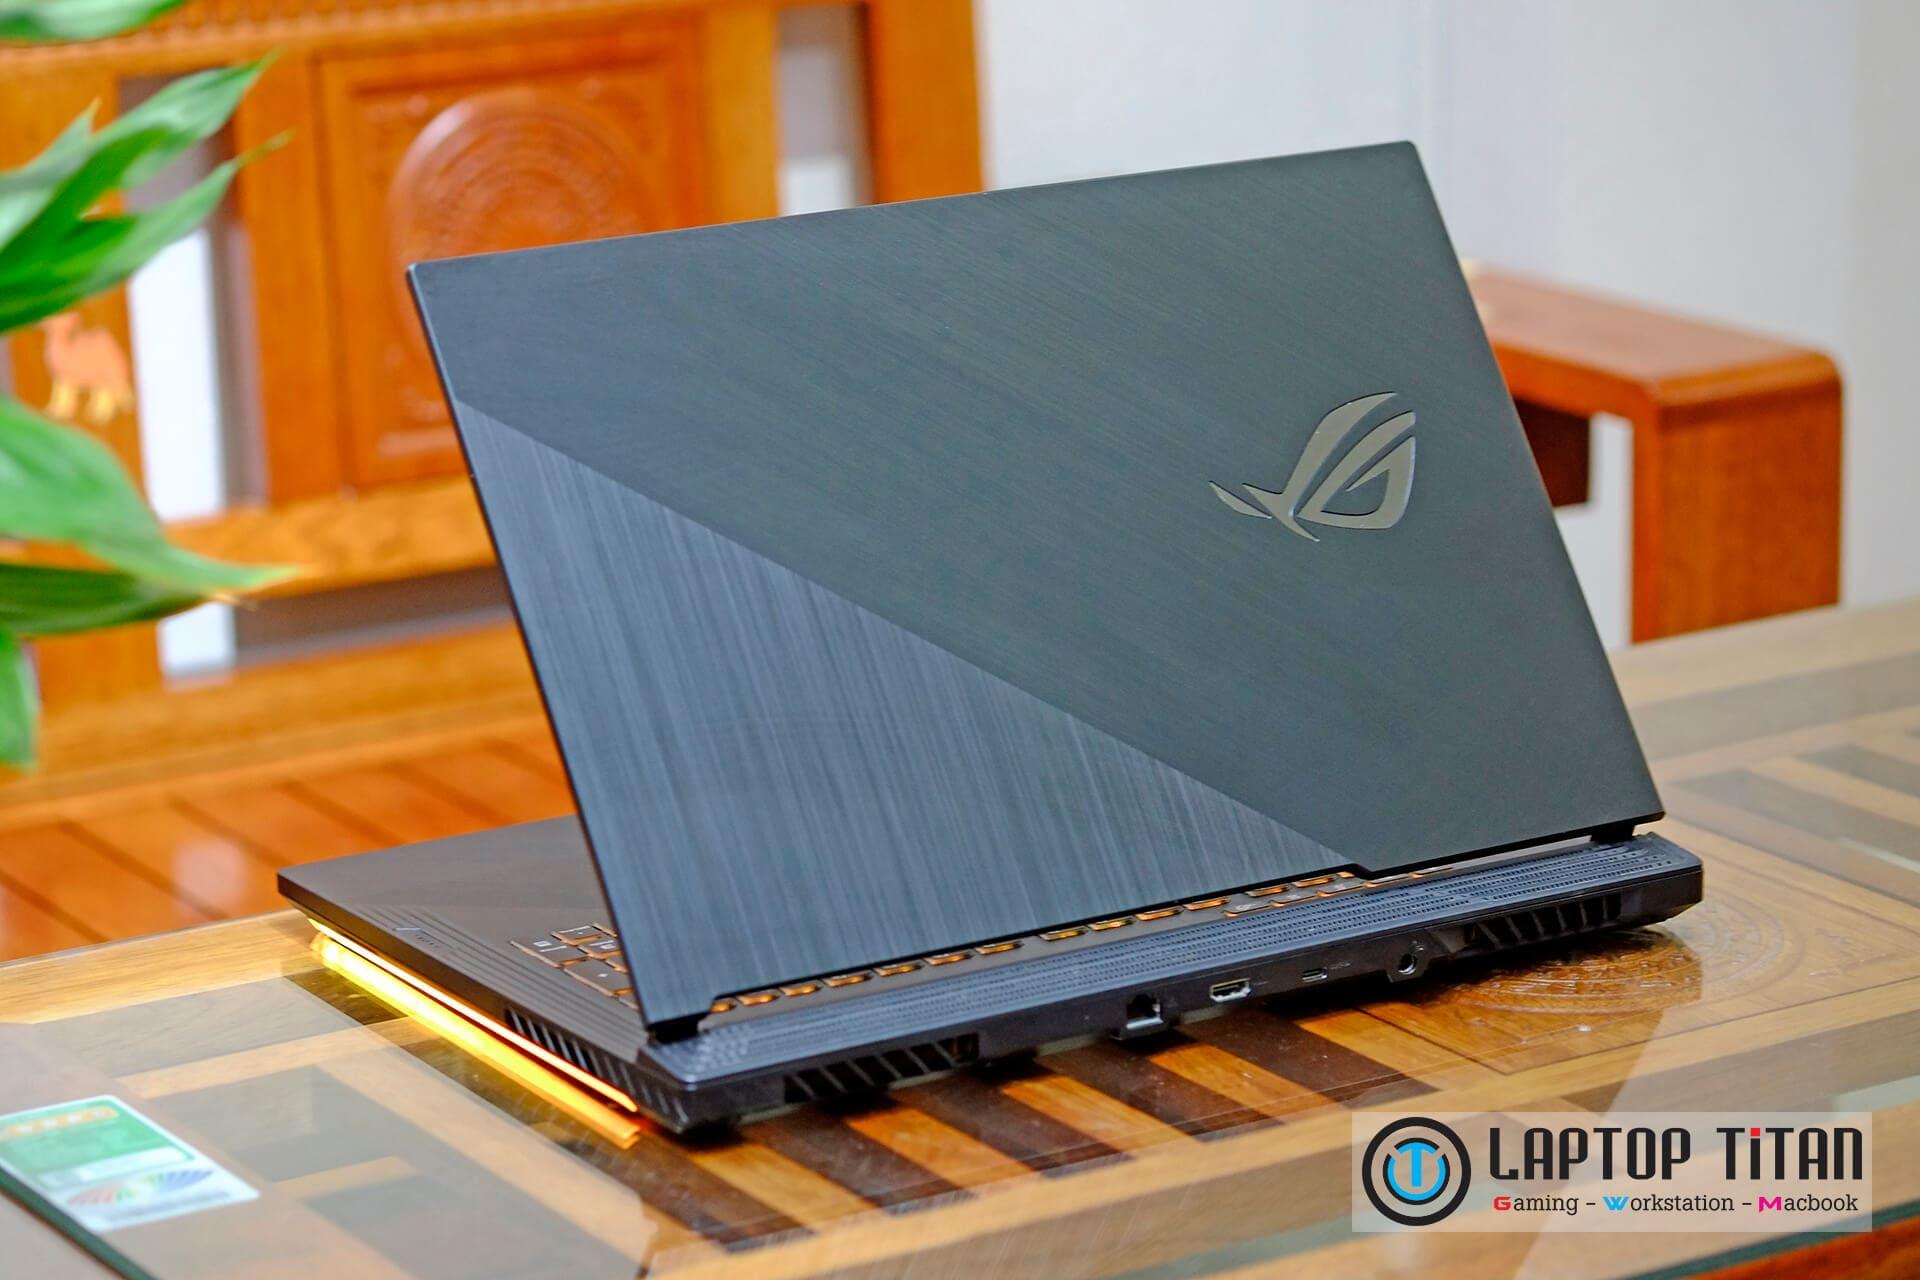 Asus Rog Strix G731 Laptoptitan 06